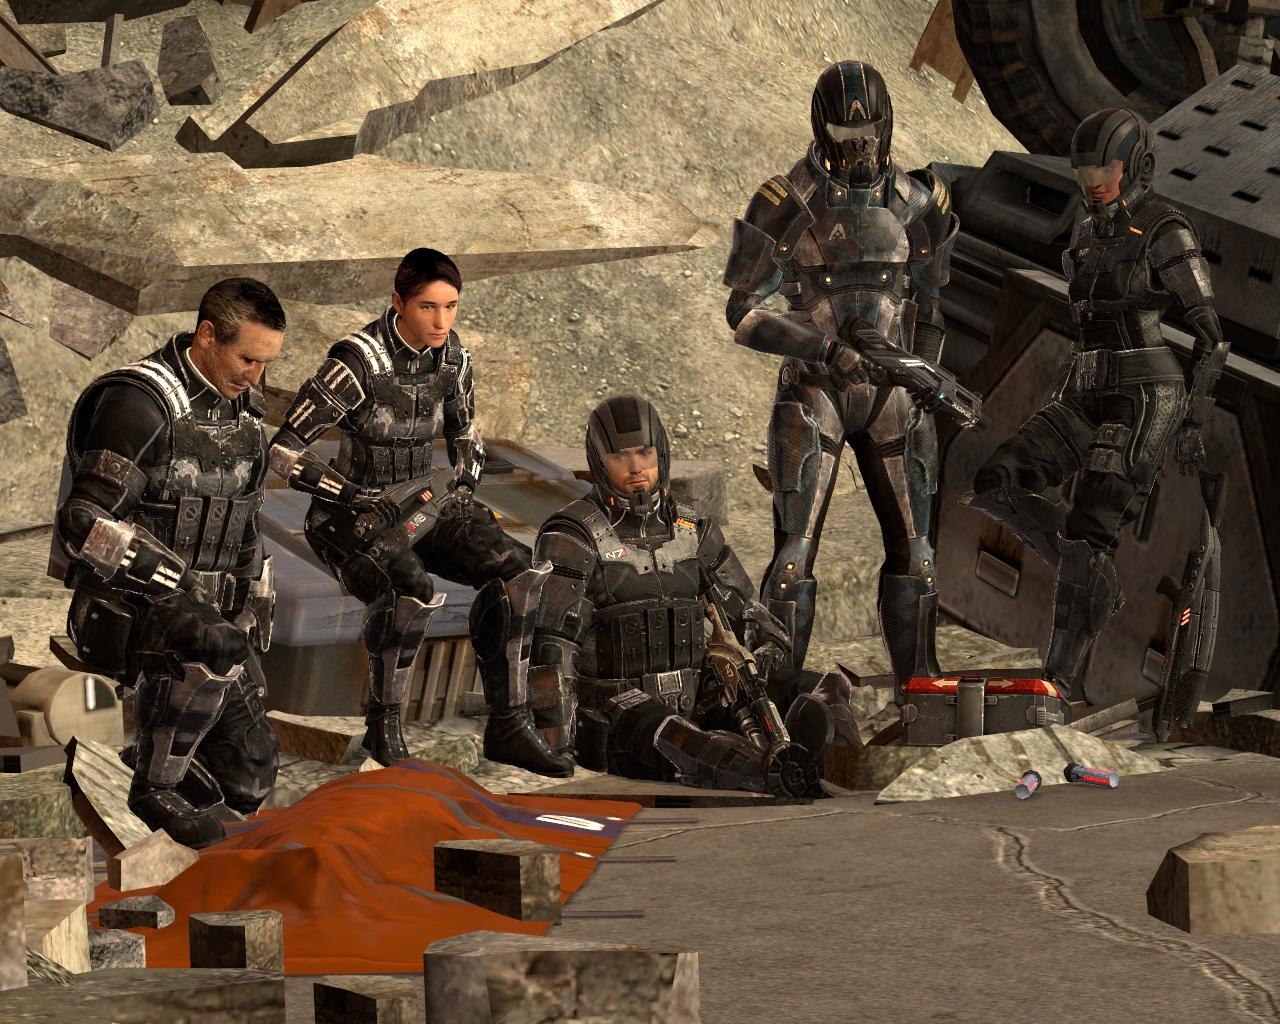 Mass Effect 3 Alliance soldiers addon - Garry's Mod - Indie DB